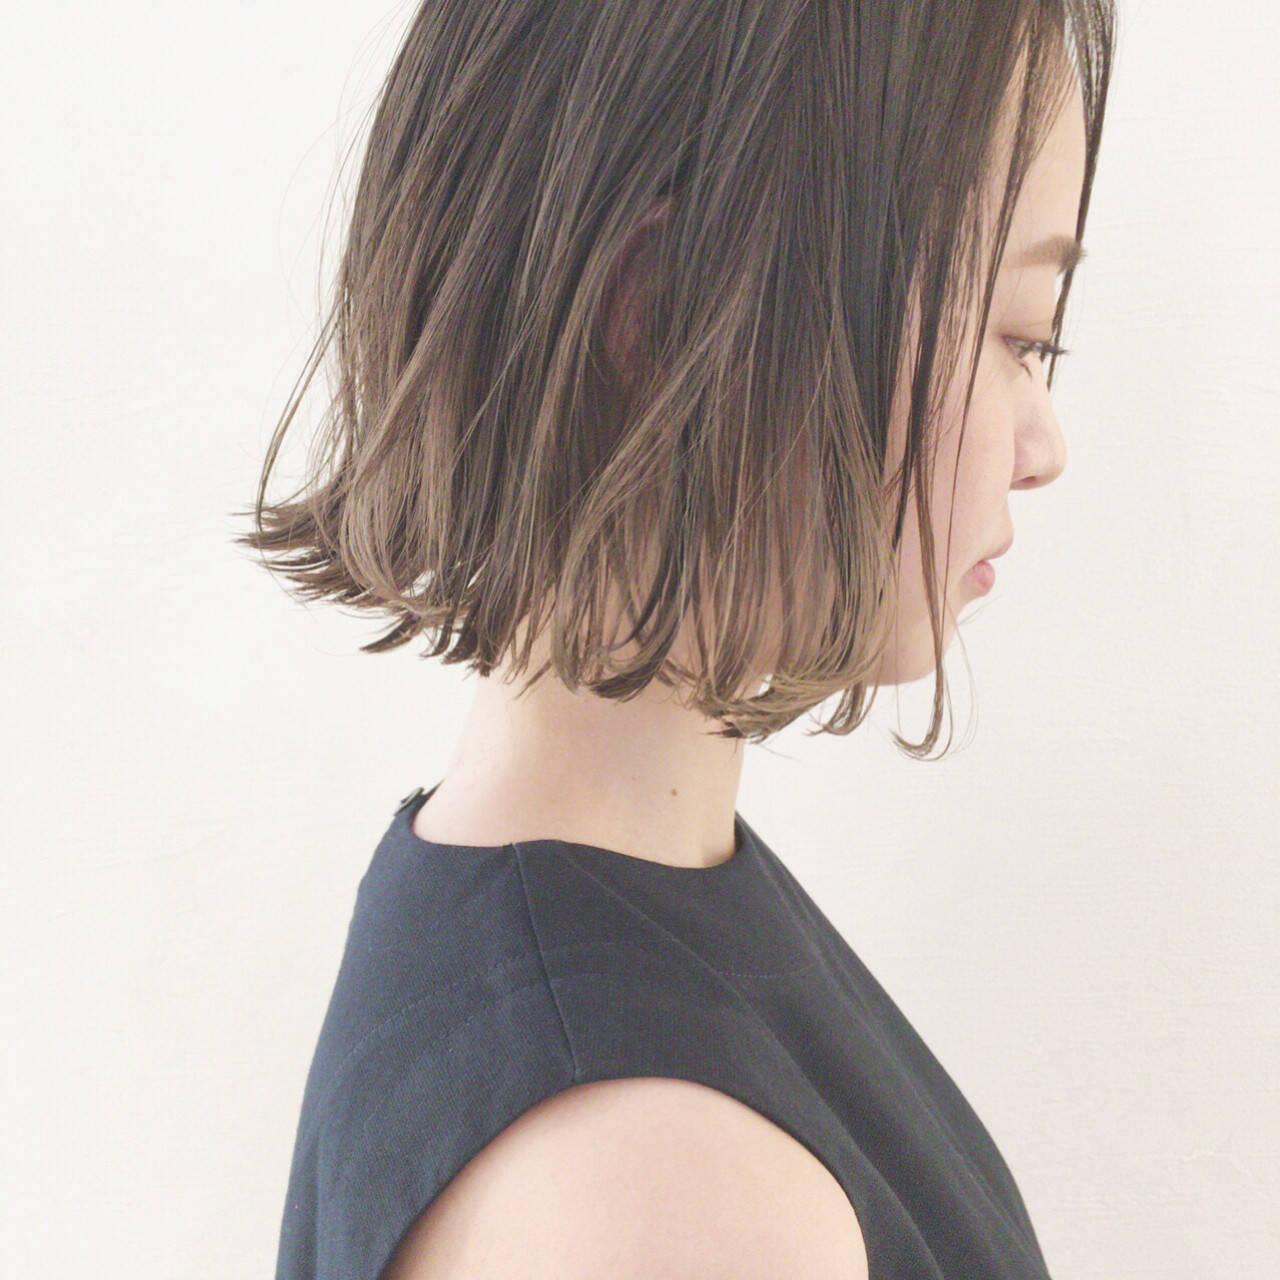 外国人風 アンニュイ 切りっぱなし ウェーブヘアスタイルや髪型の写真・画像